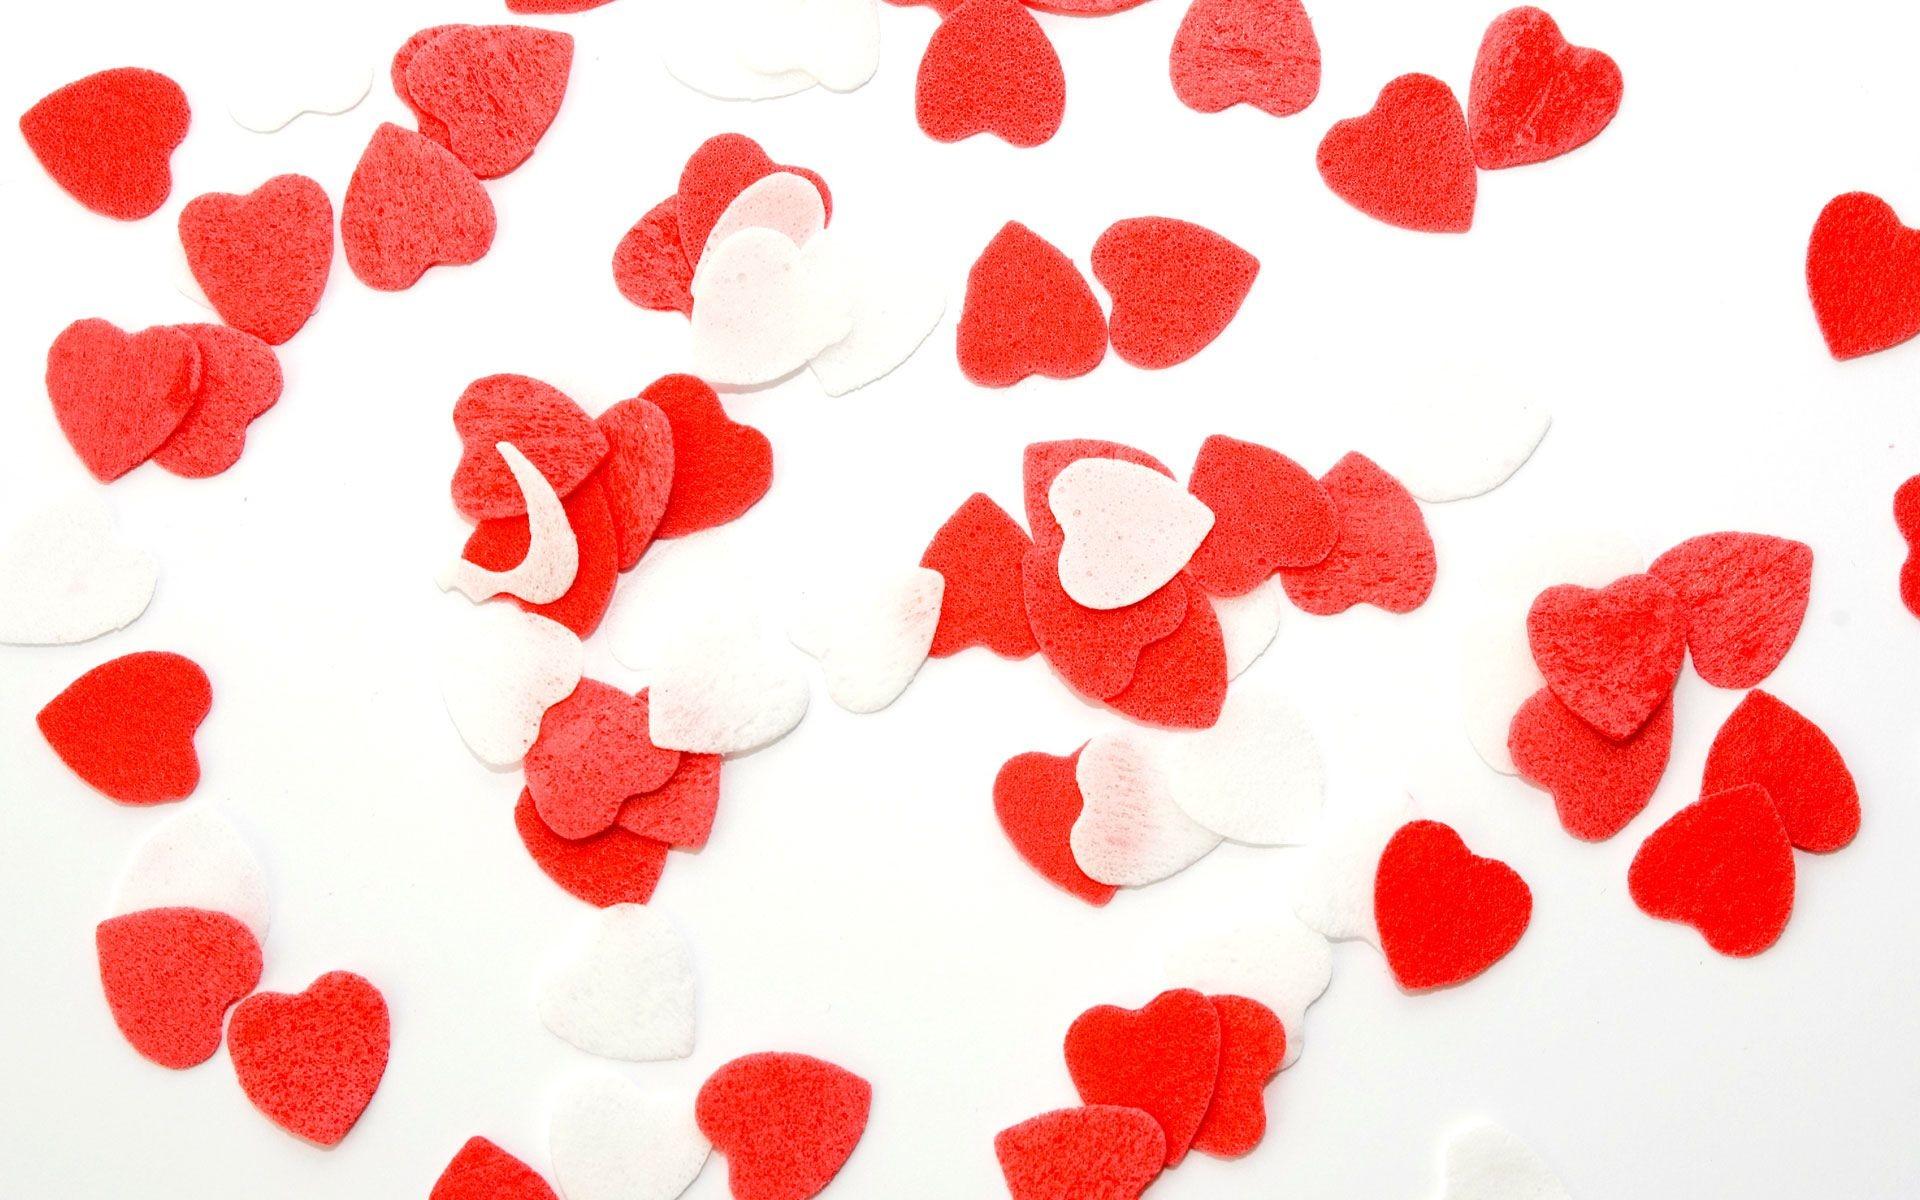 Love Wallpaper Full Of Hearts